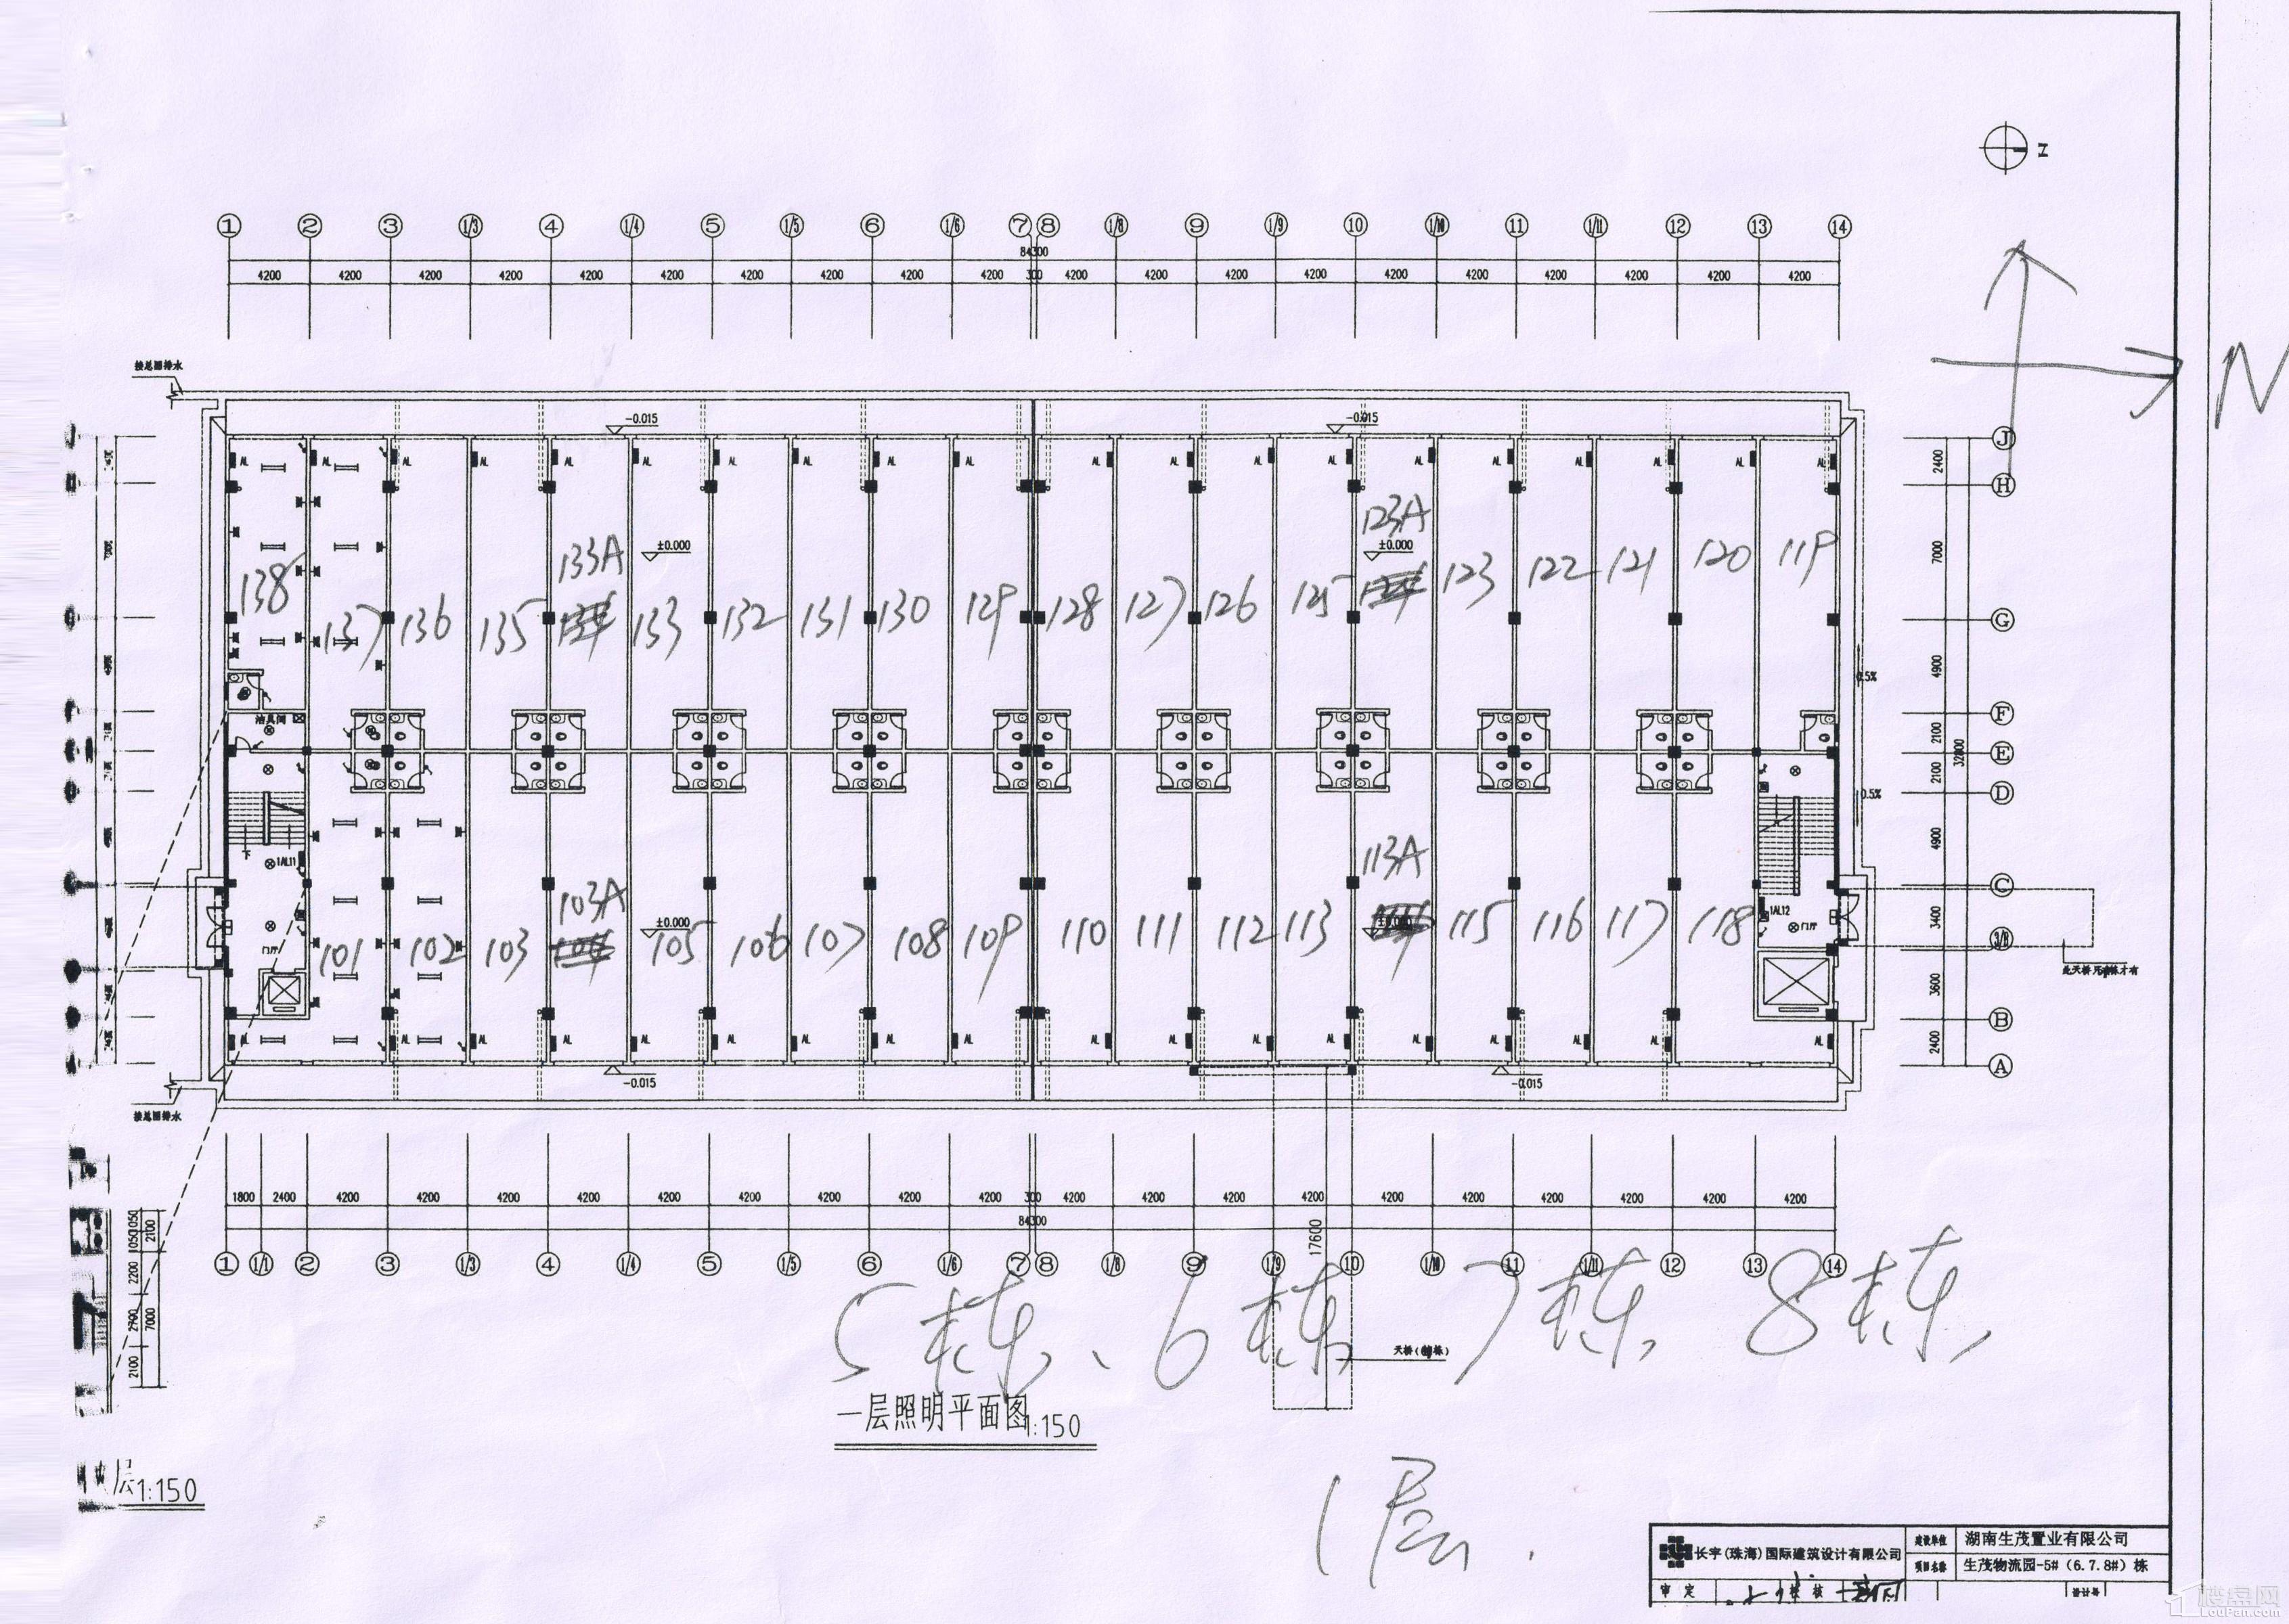 湘西北物流园5栋/6栋/7栋/8栋1层楼层平面图